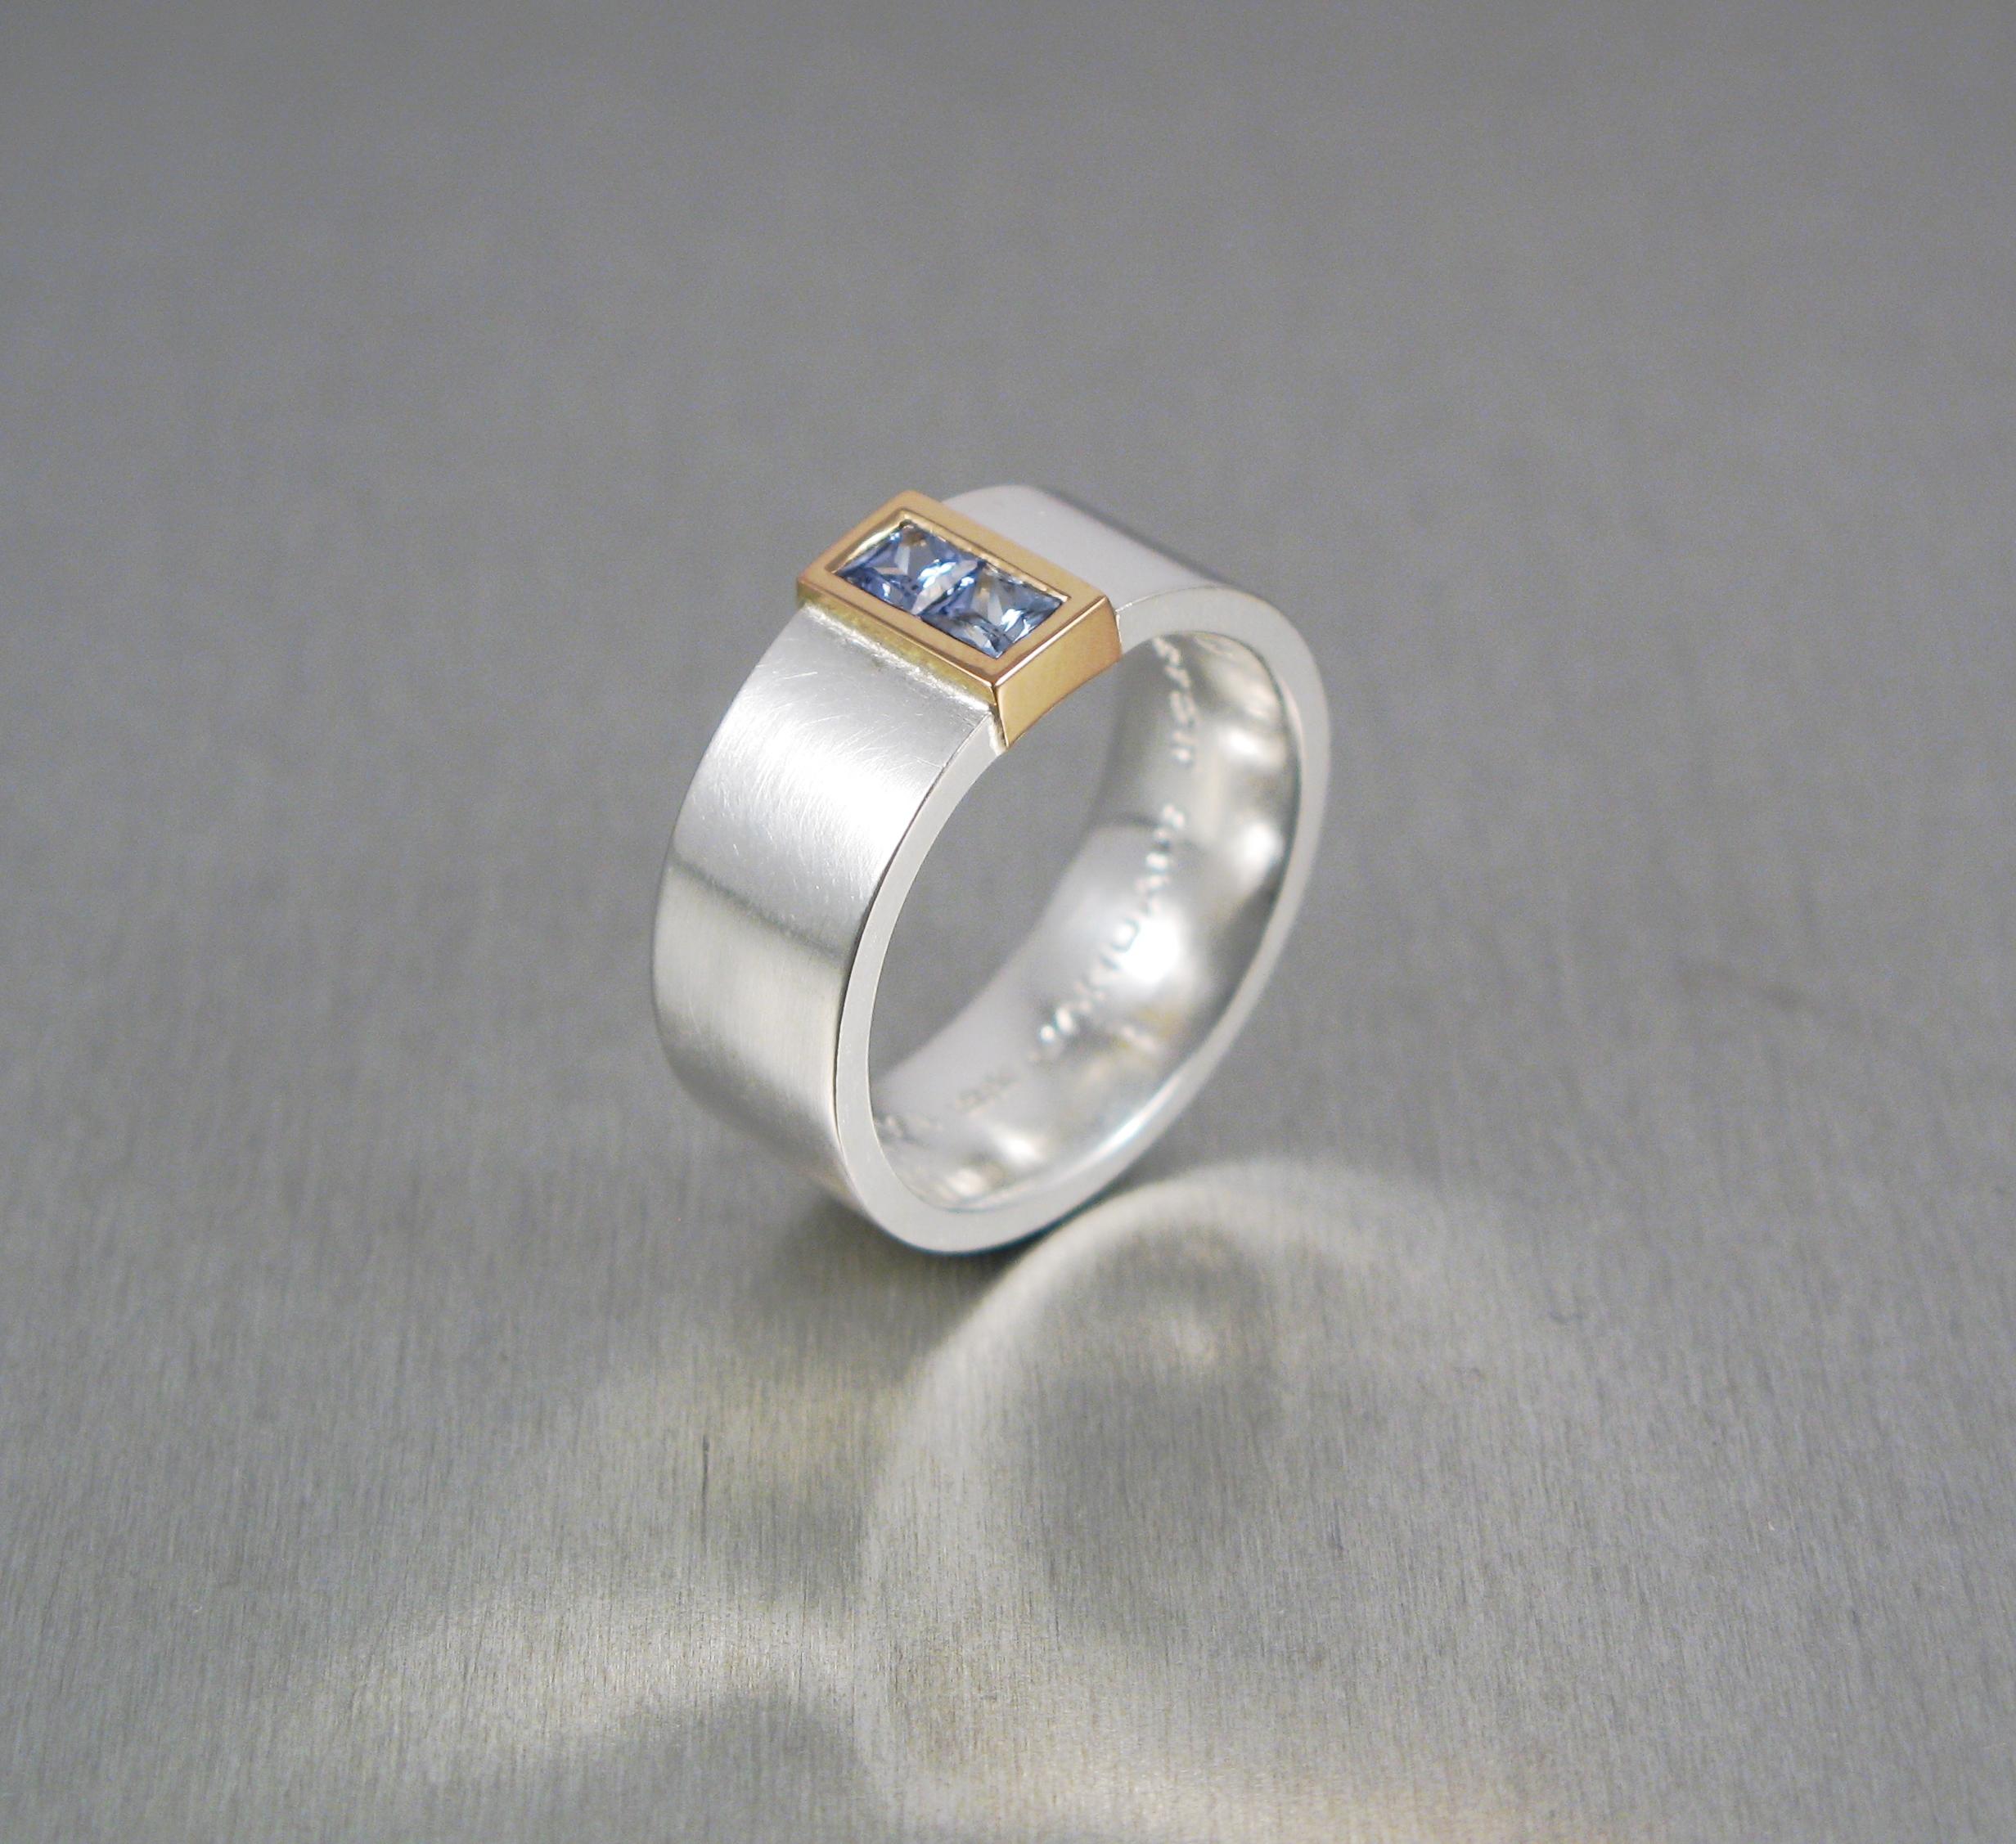 Ring, silver, guld och safierer. (osäker på bilden)